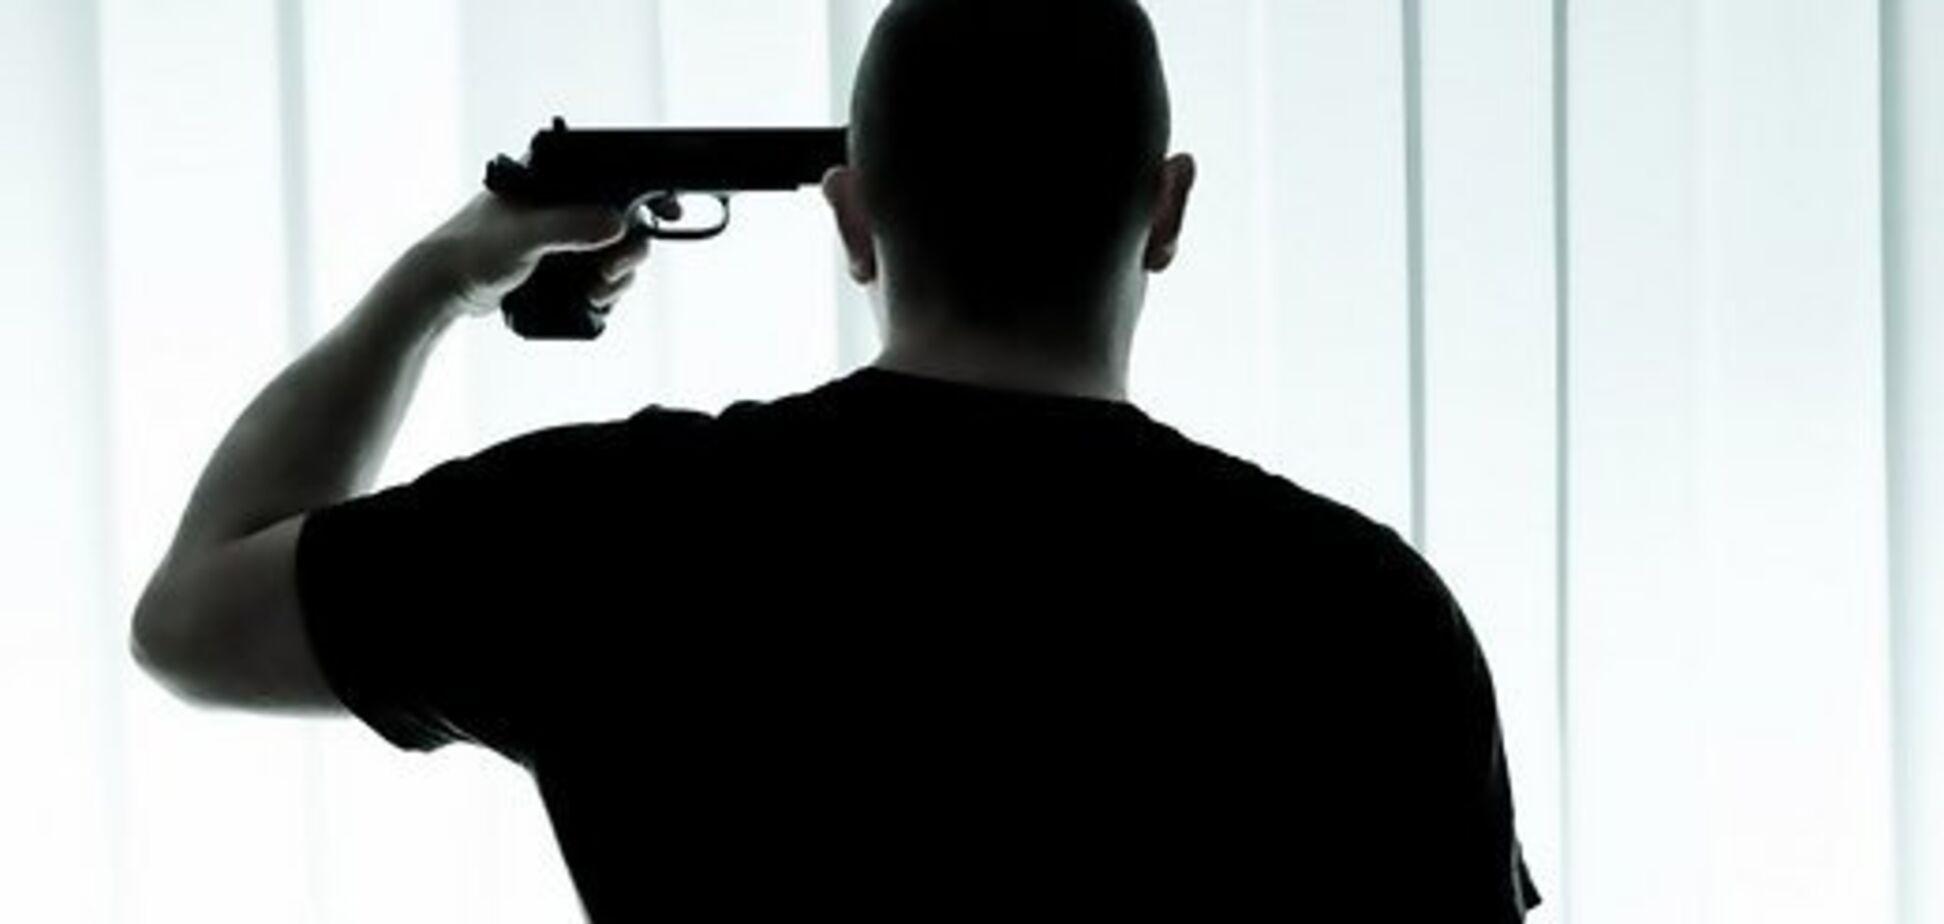 В Николаеве мужчина выстрелил себе в голову и выжил